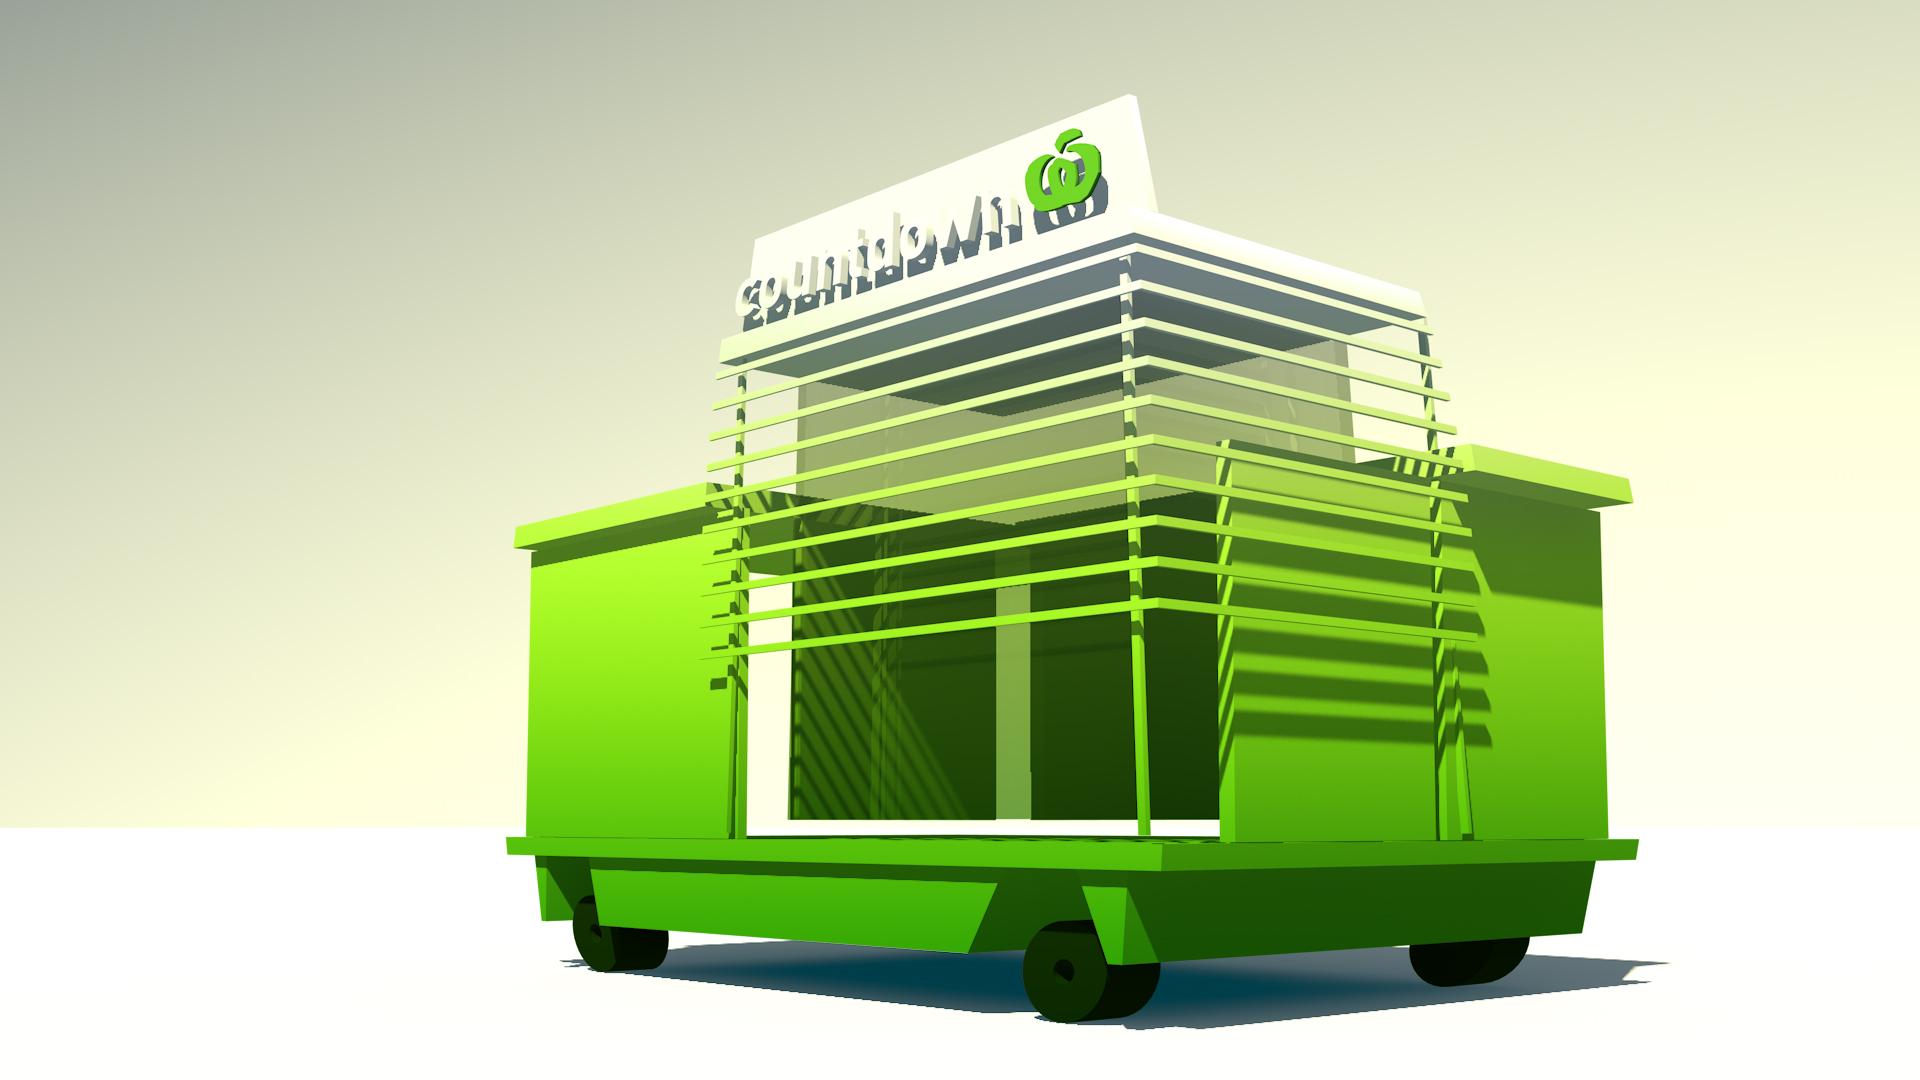 supermarket_truck_bulge.jpg